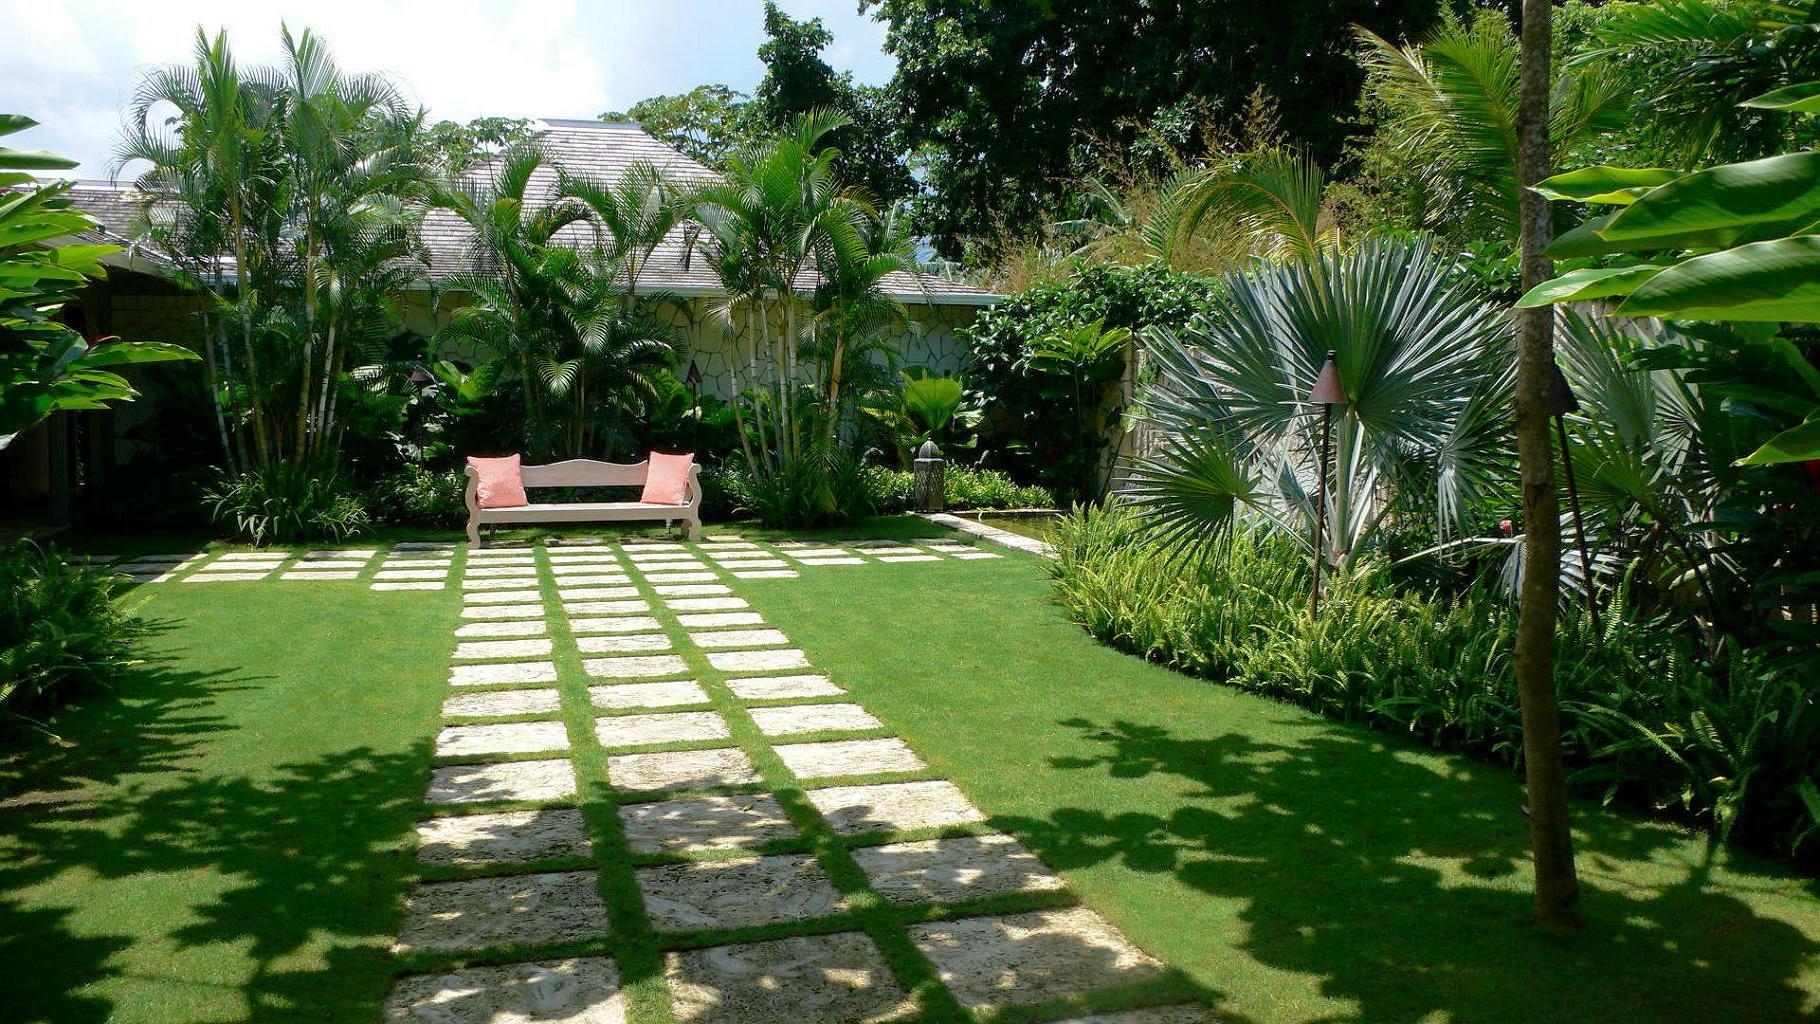 Jasa Landscape Taman di Pamekasan Jasa Pembuatan Taman Murah